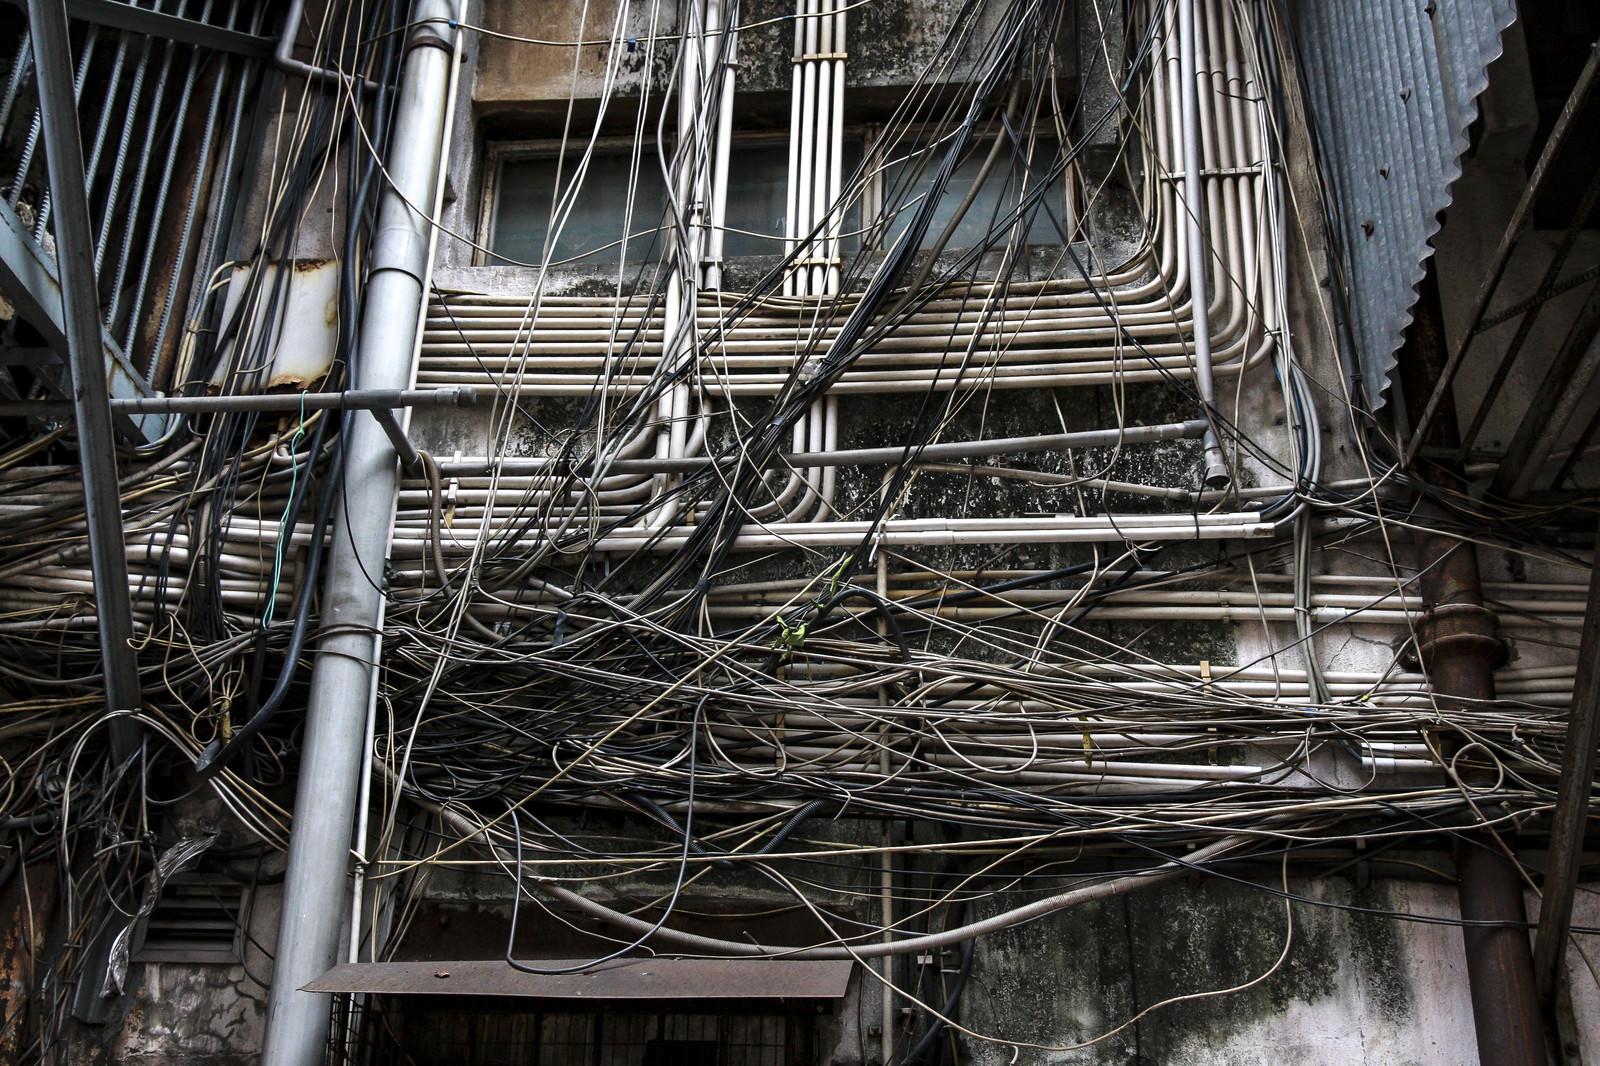 「マカオで見かけた電線と廃屋」の写真